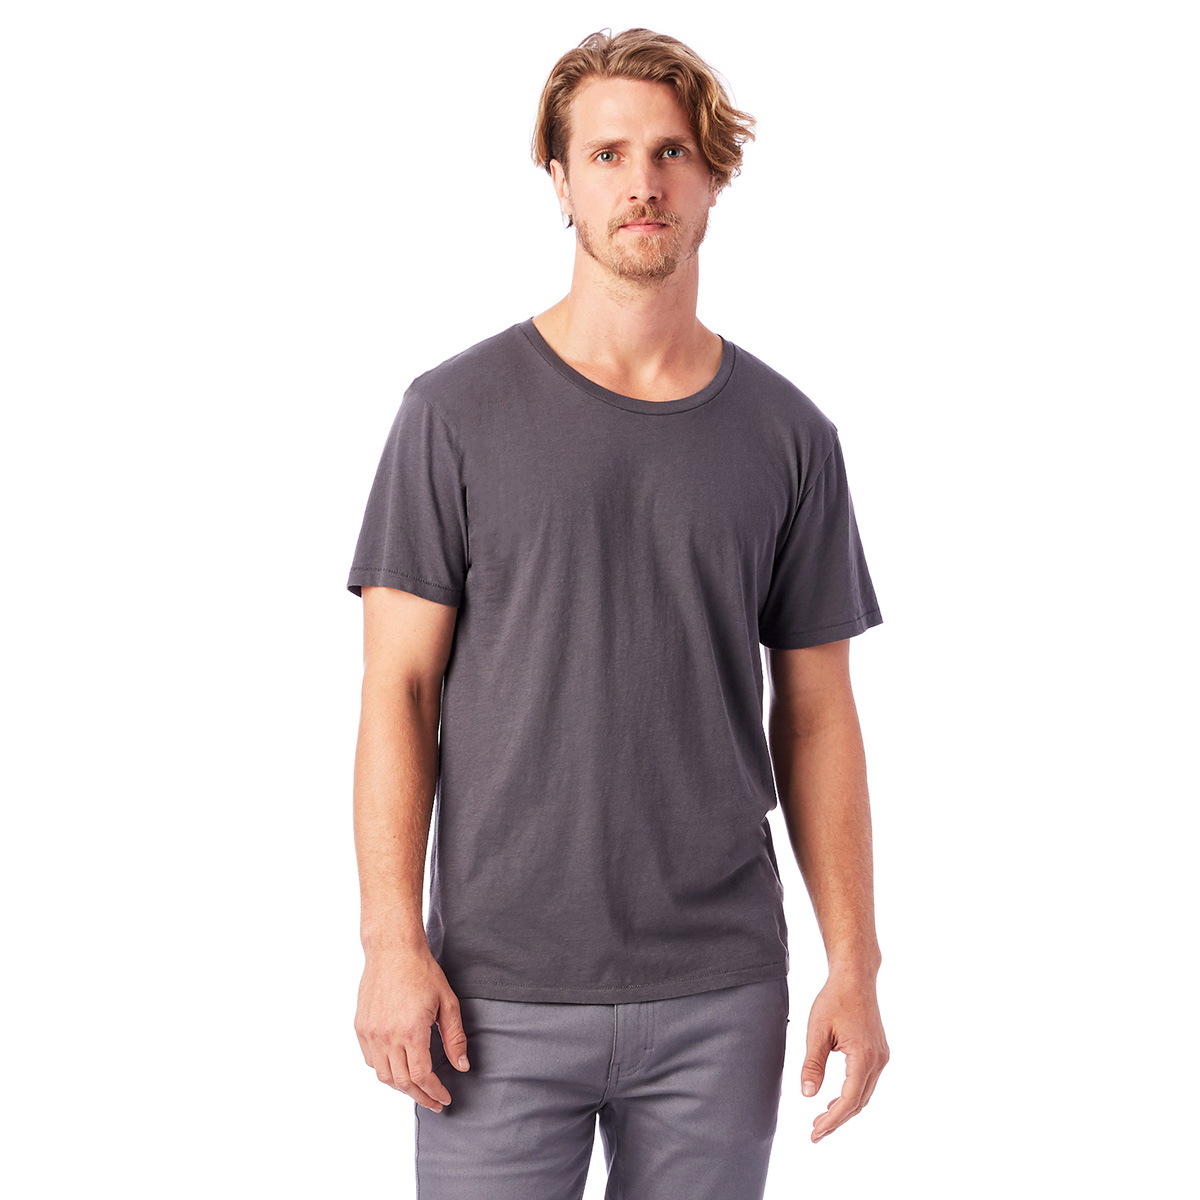 T-shirt 100% coton bio manches courtes gris charbon Homme